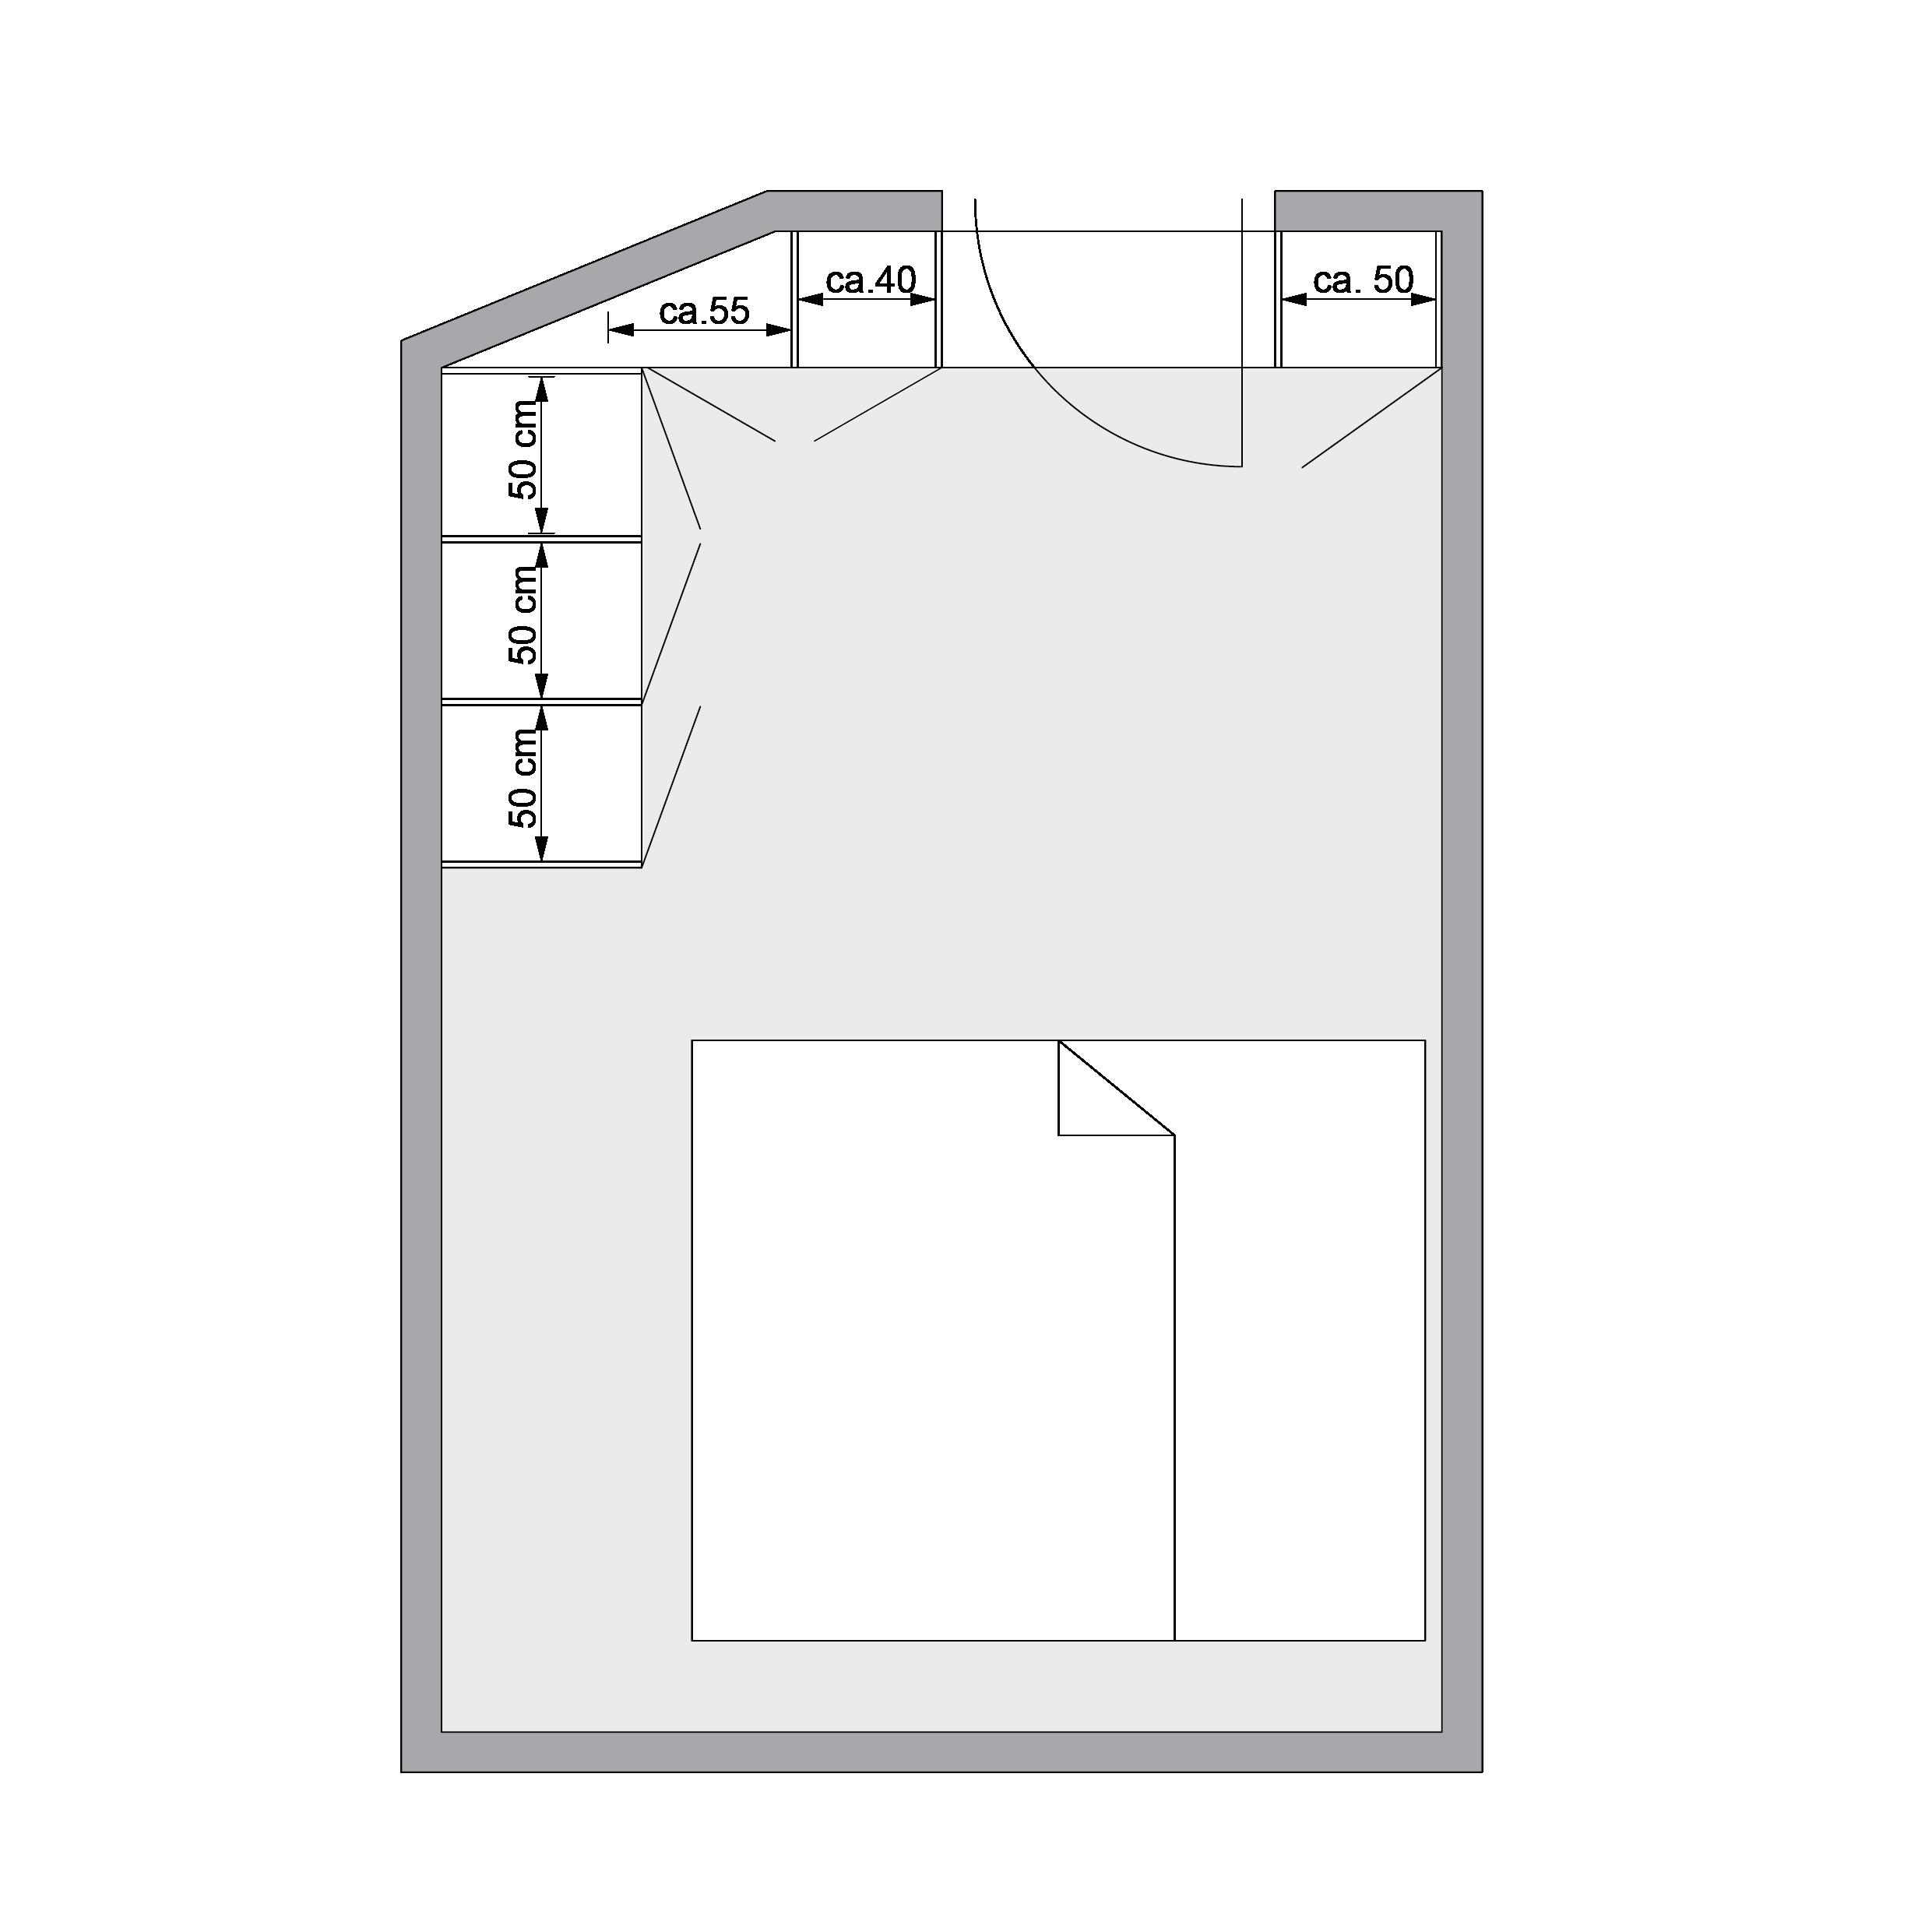 0598-d1-02.png